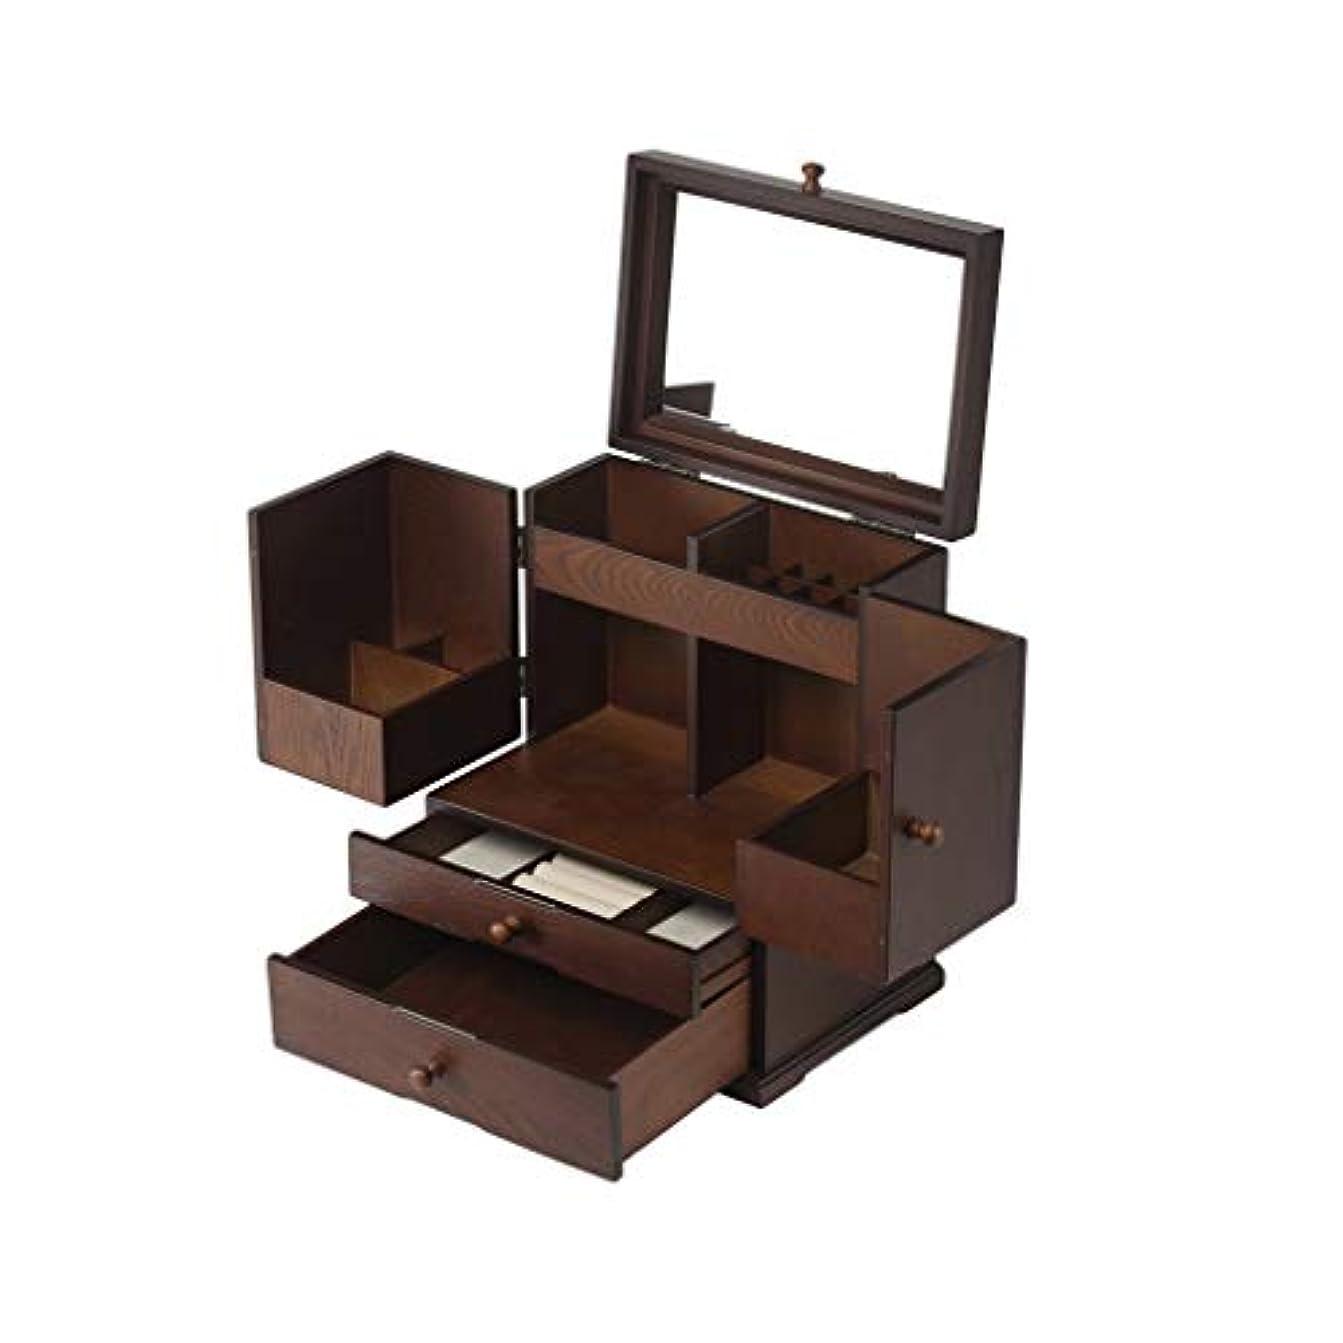 潜在的なそれによって無効にする化粧台ピアス、化粧品、宝飾品、収納ボックス、ちり止め、ヴィンテージ木製、木製引き出し、